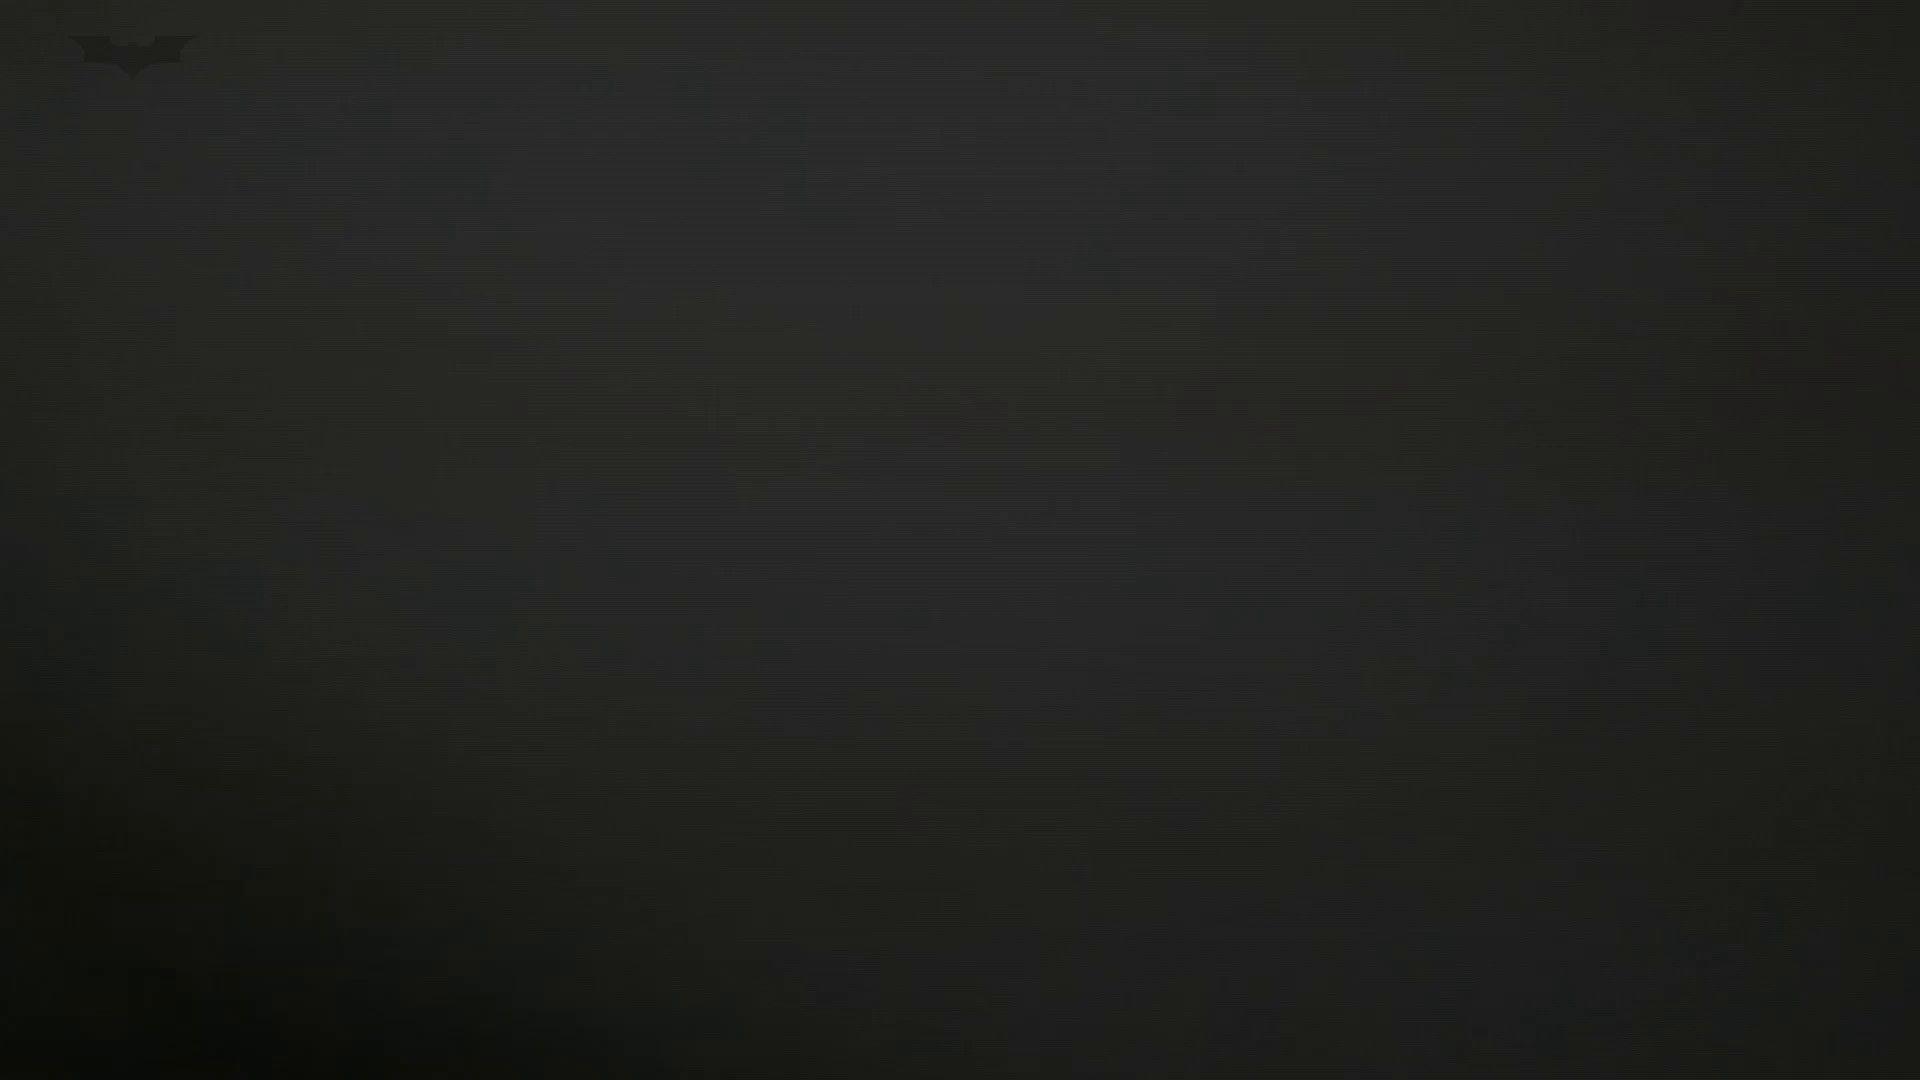 化粧室絵巻 駅舎編 VOL.10 高画質 おめこ無修正画像 51画像 43